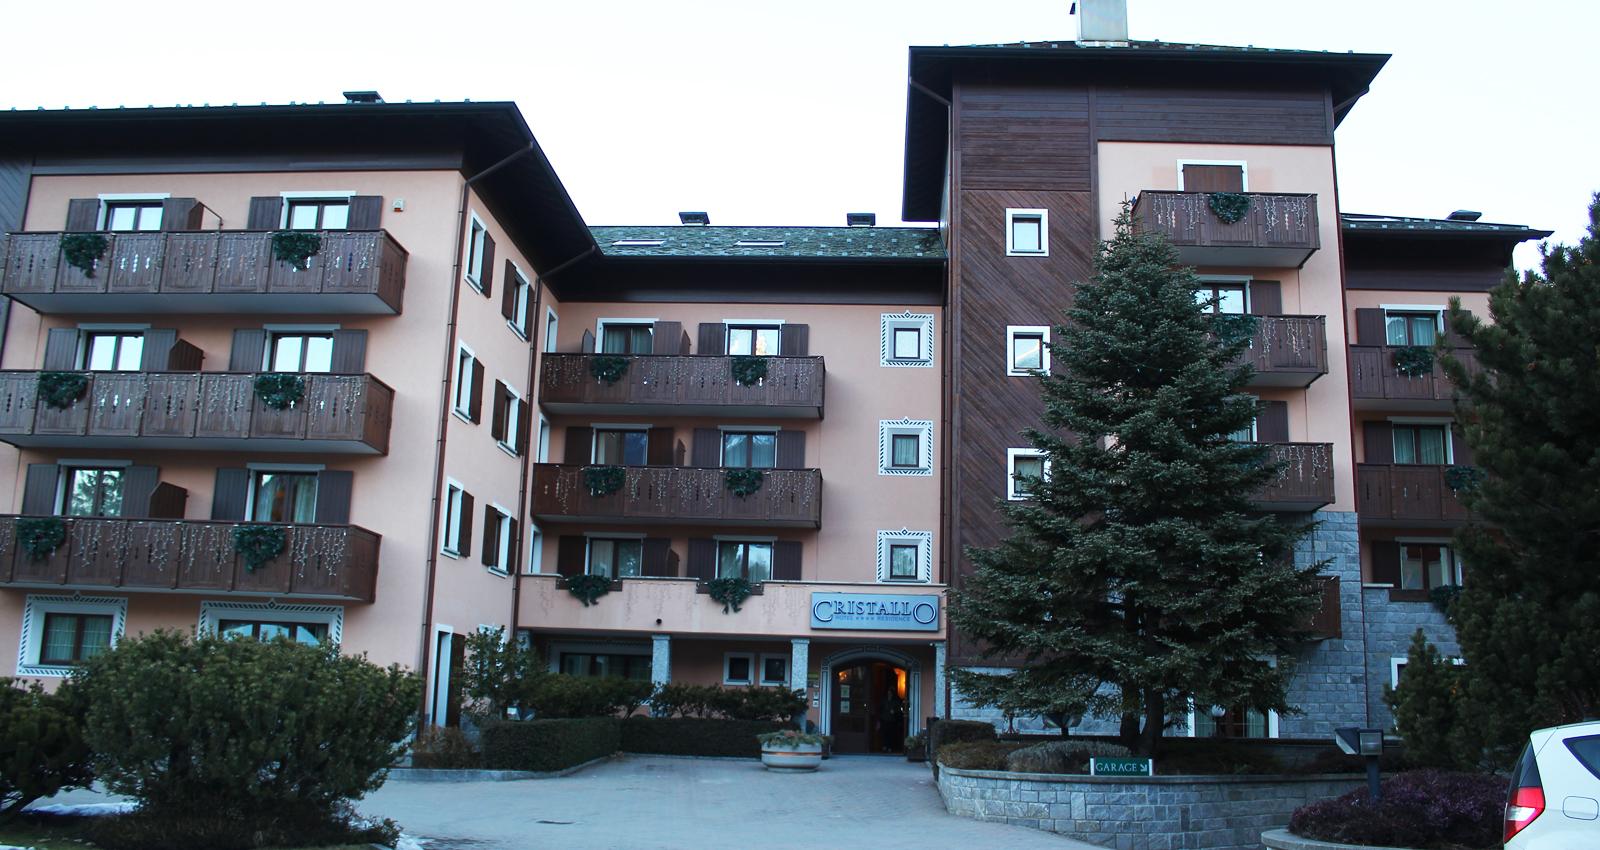 Hotel Cristallo Bormio Italy